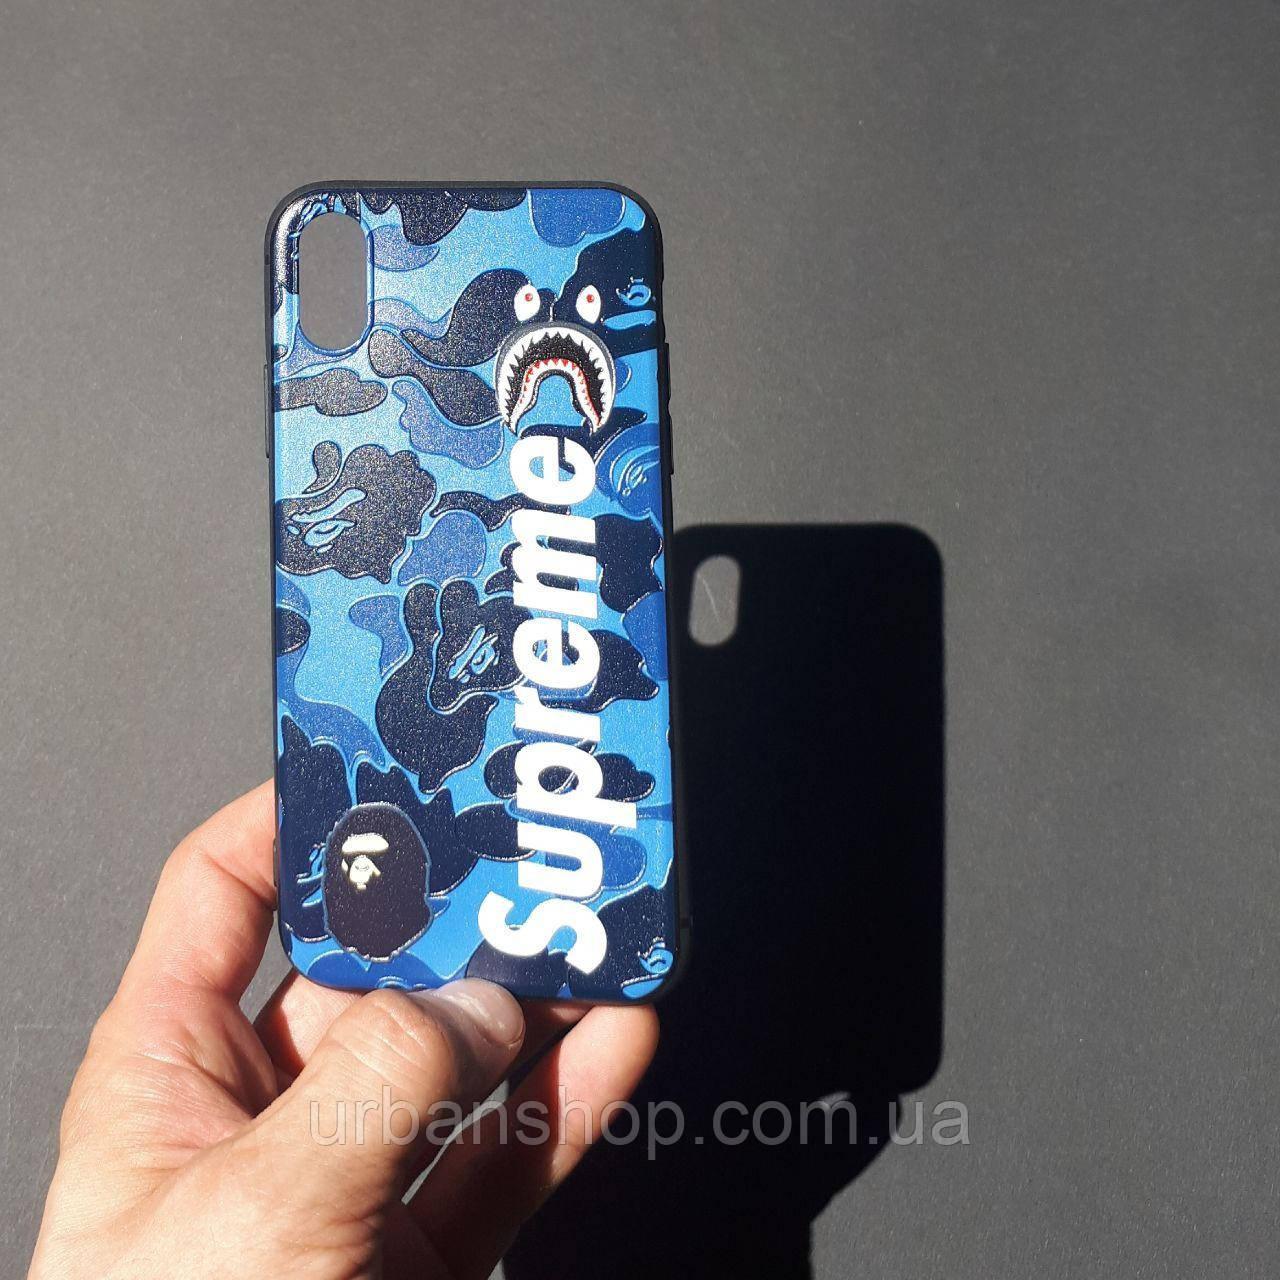 Чохол Iphone X Bape Apple